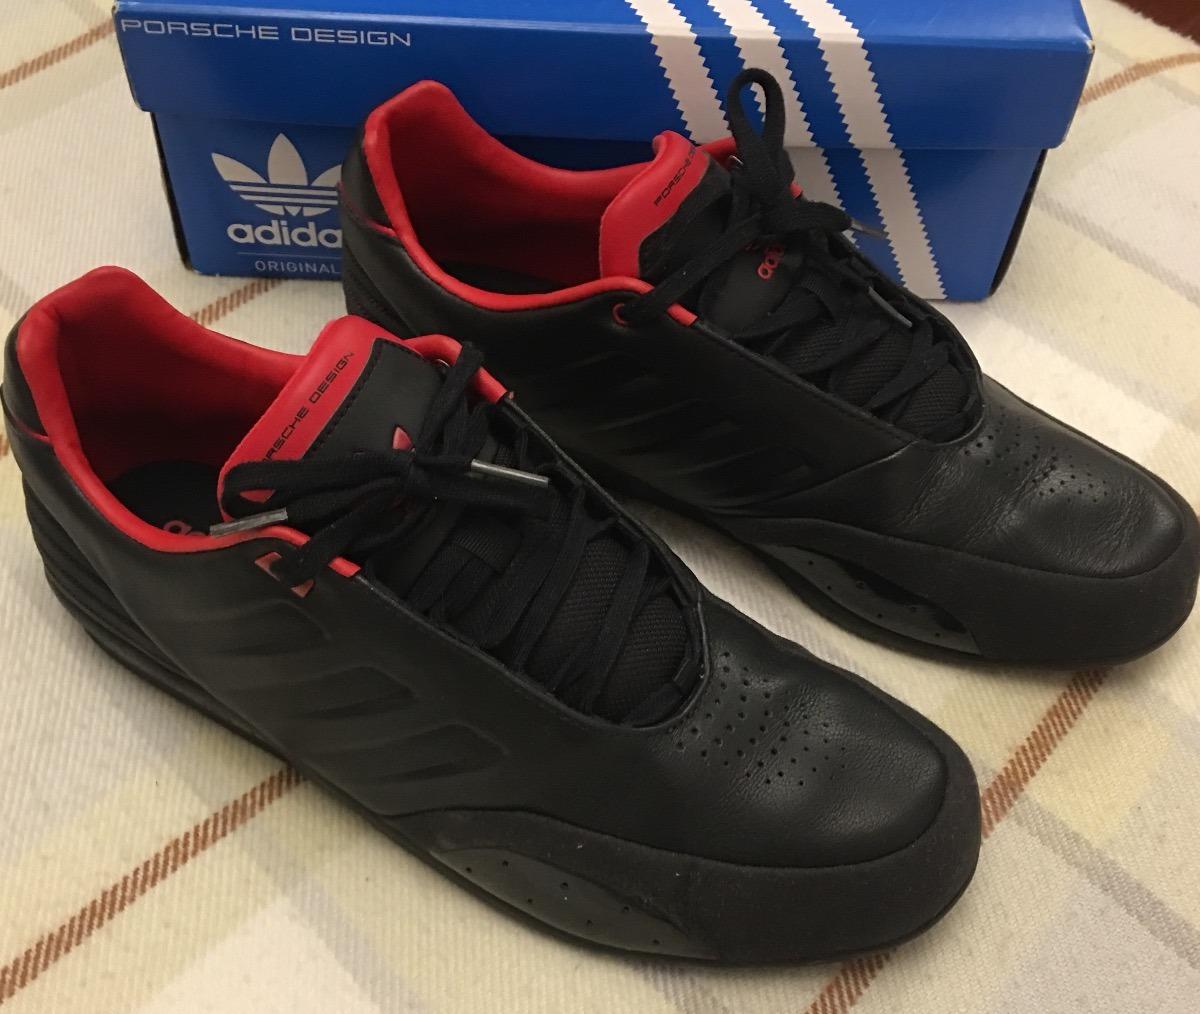 the best attitude 2dd3d 1a1b8 zapatillas adidas porsche design 917 talle 10us o 44 negro. Cargando zoom.